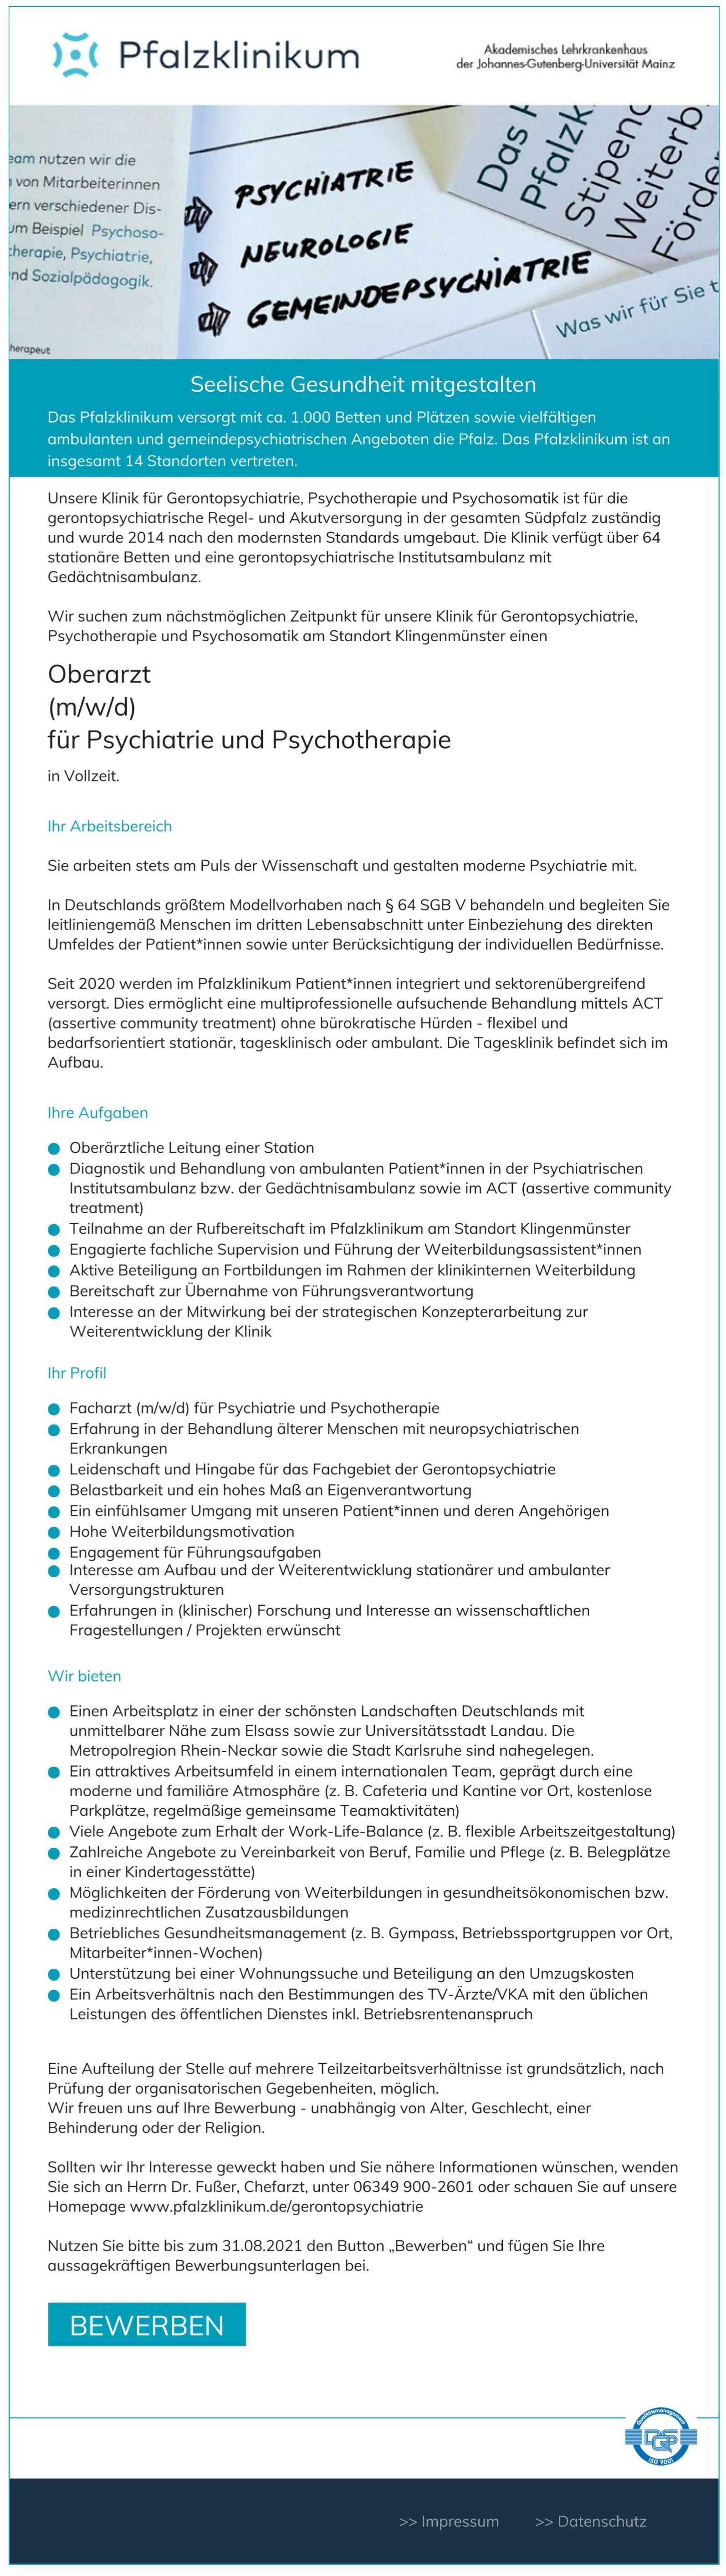 Oberarzt (m/w/d) für Psychiatrie und Psychotherapie